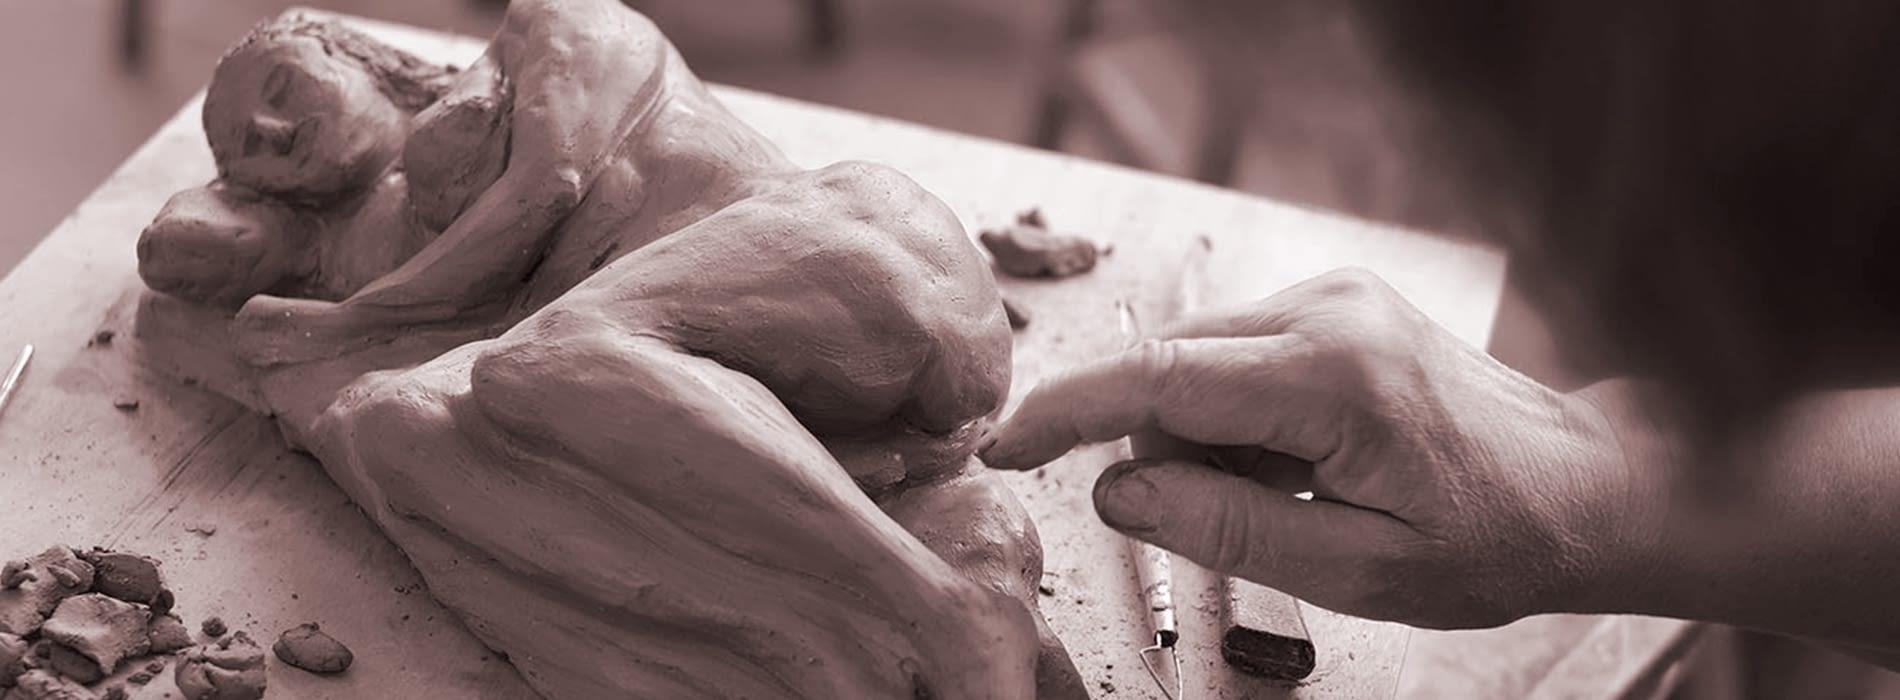 Serveis descobreix el món dela ceràmica